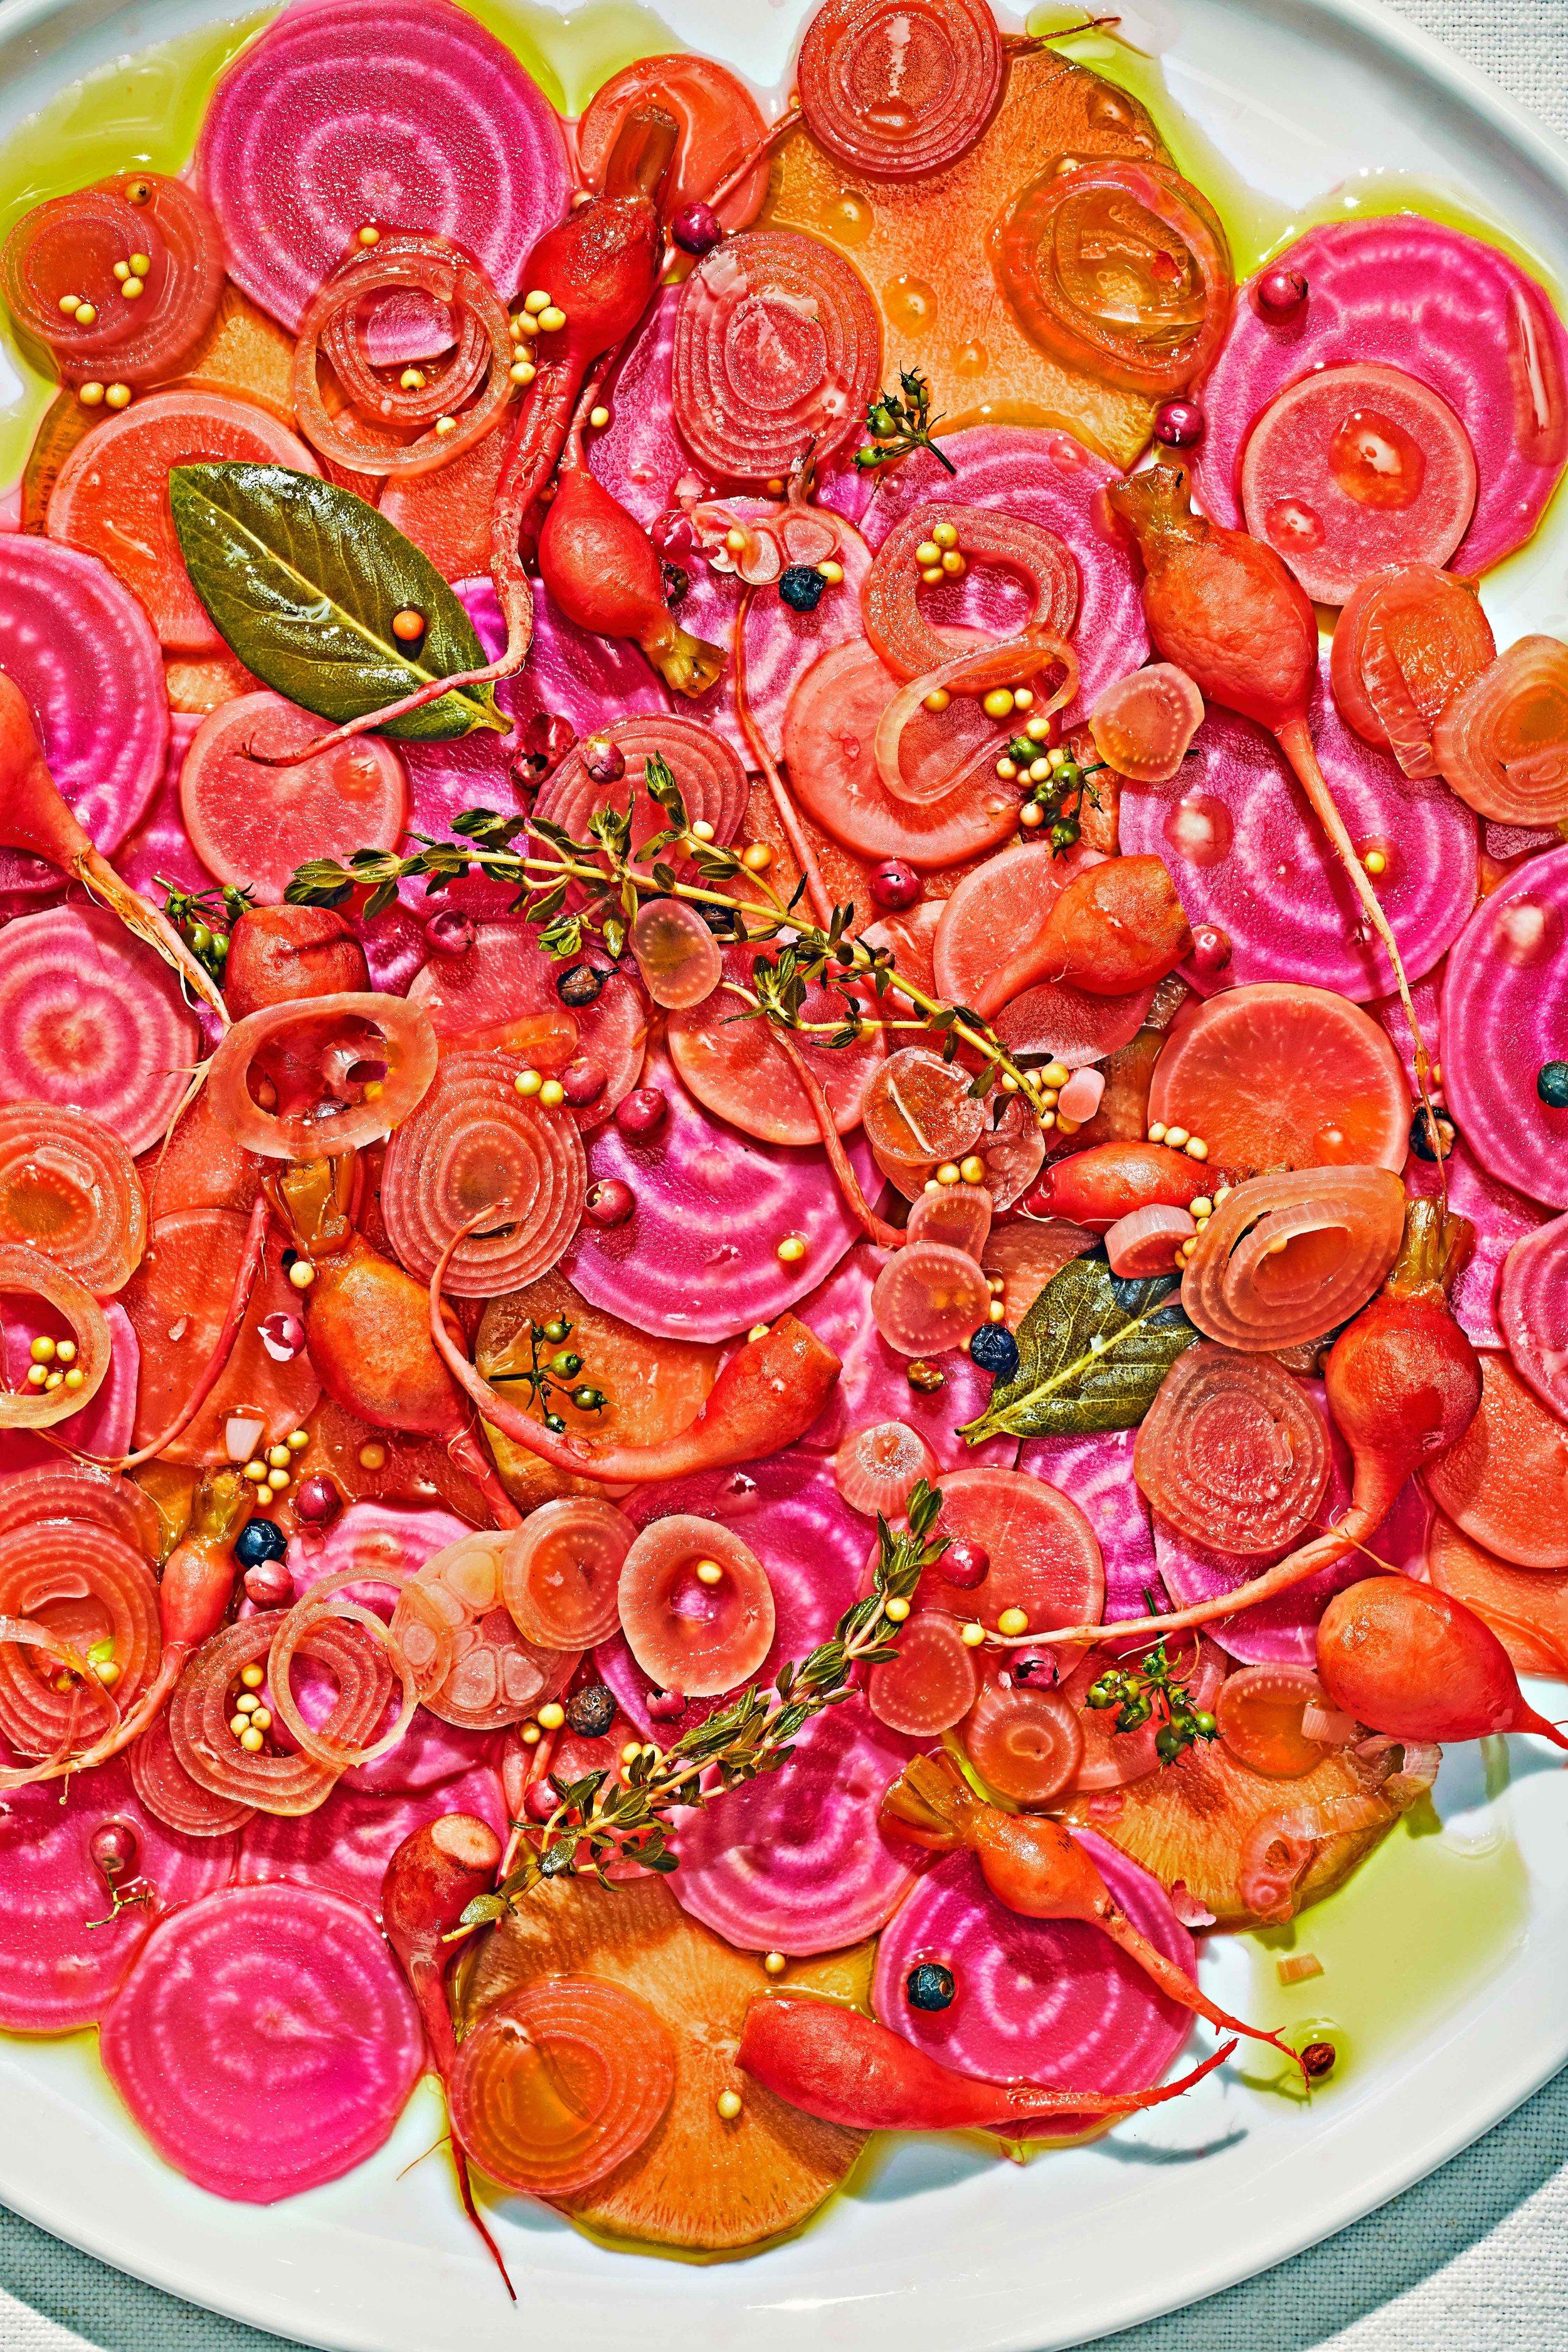 190702_CLxNT_FoodAndDrinks_03_Pickles_275_edit.jpg